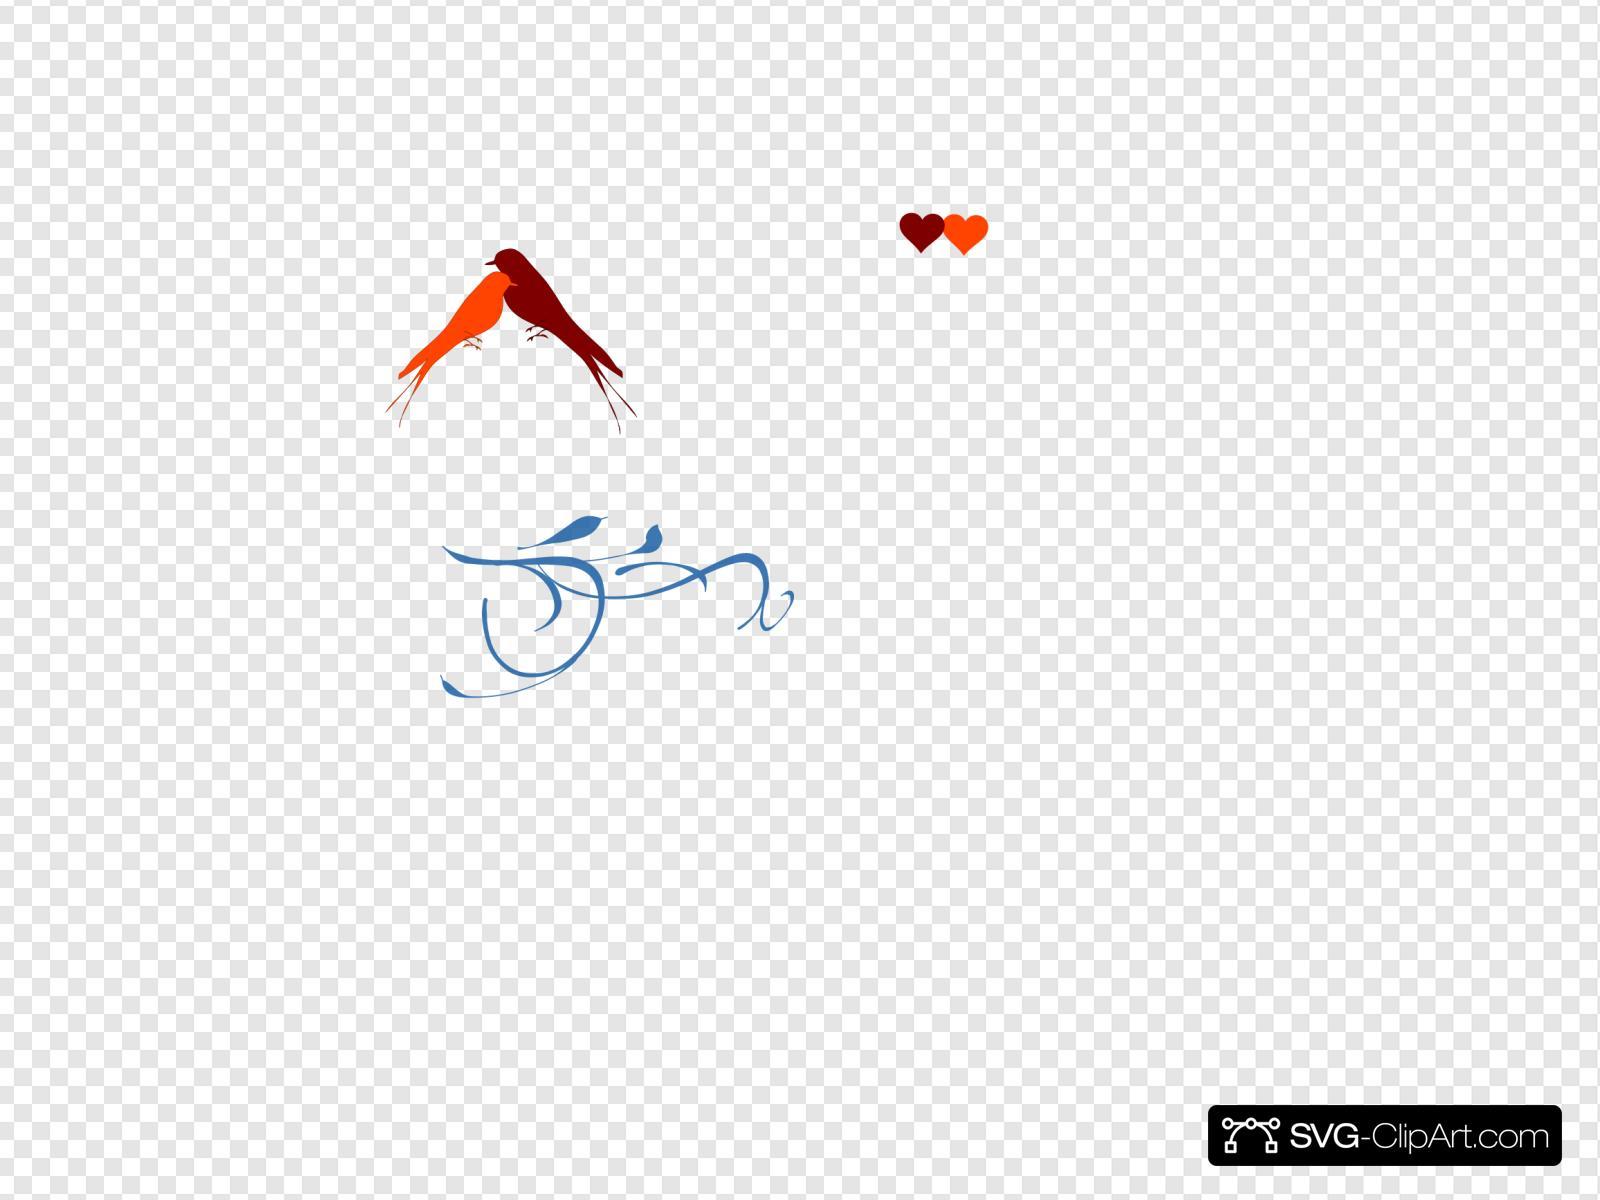 Invitation Possibility Clip art, Icon and SVG.